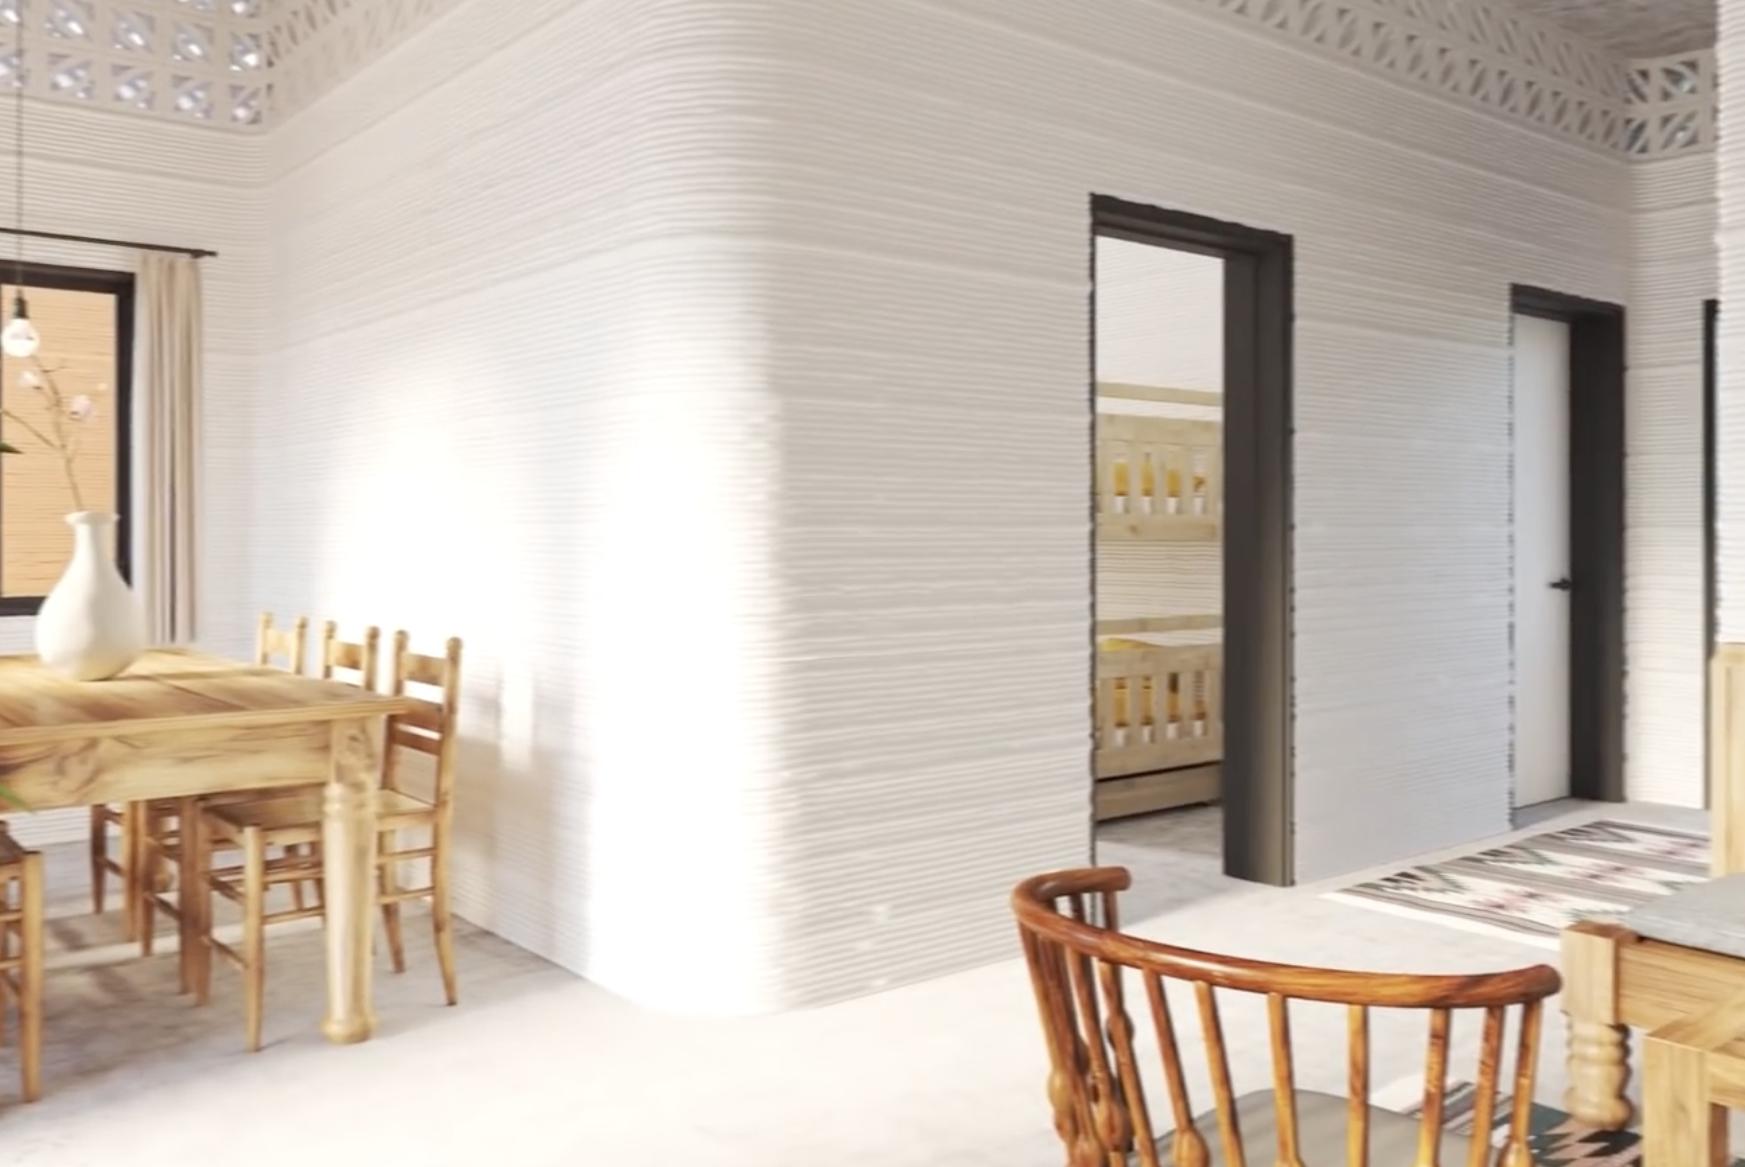 Interijer 3D printane kuće, izvor: newstorycharity.org